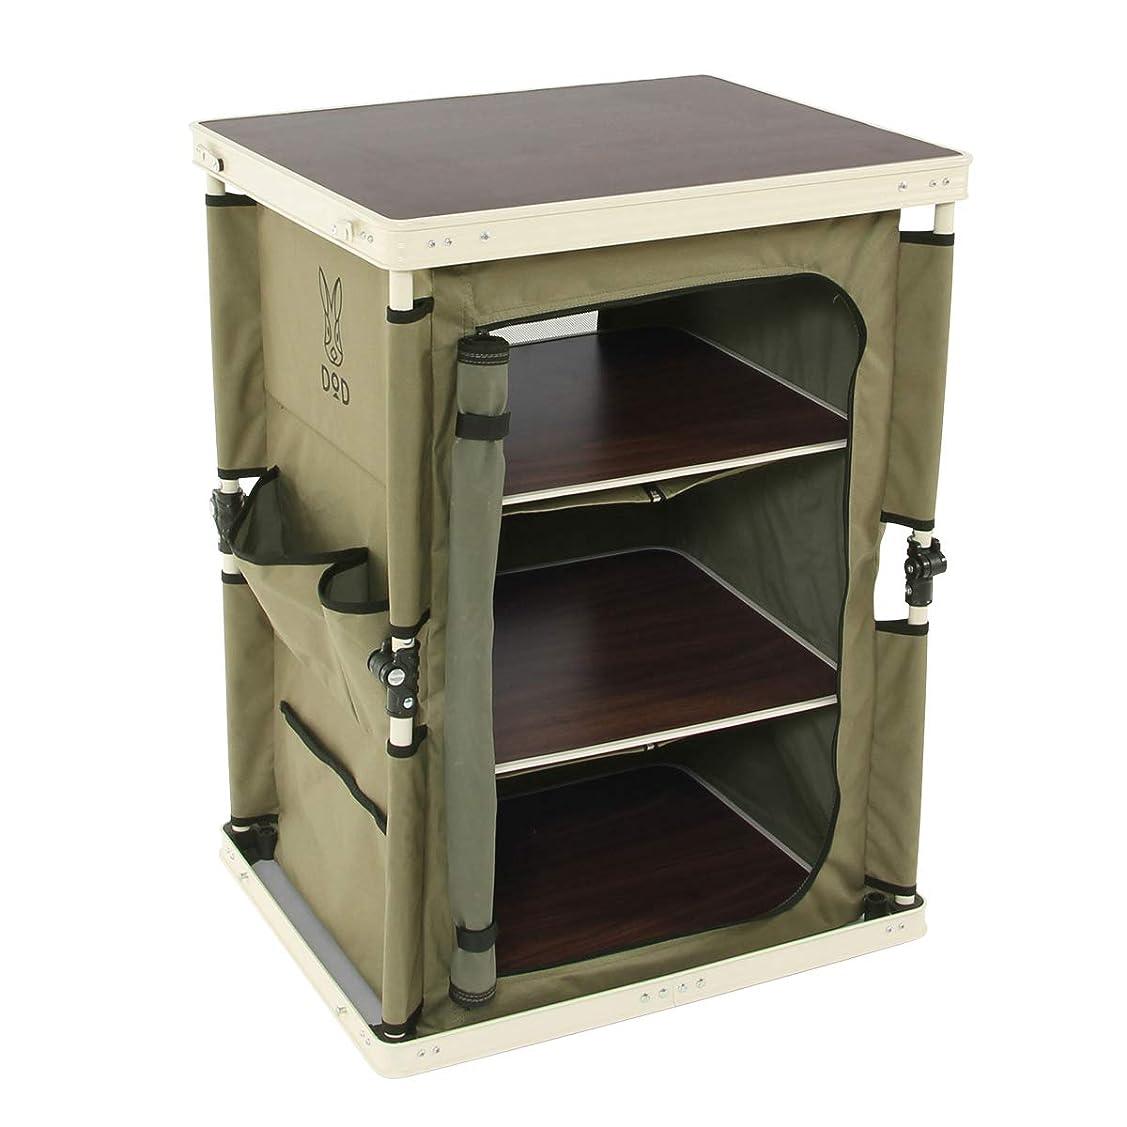 境界チェスパノラマSoomloom 折り畳み式テーブル アルミ製 アウトドア用 キャンプ用 超軽量材質 無限拡大可能 エクササイズ 収納ケース付き 本体にライトかけ付き